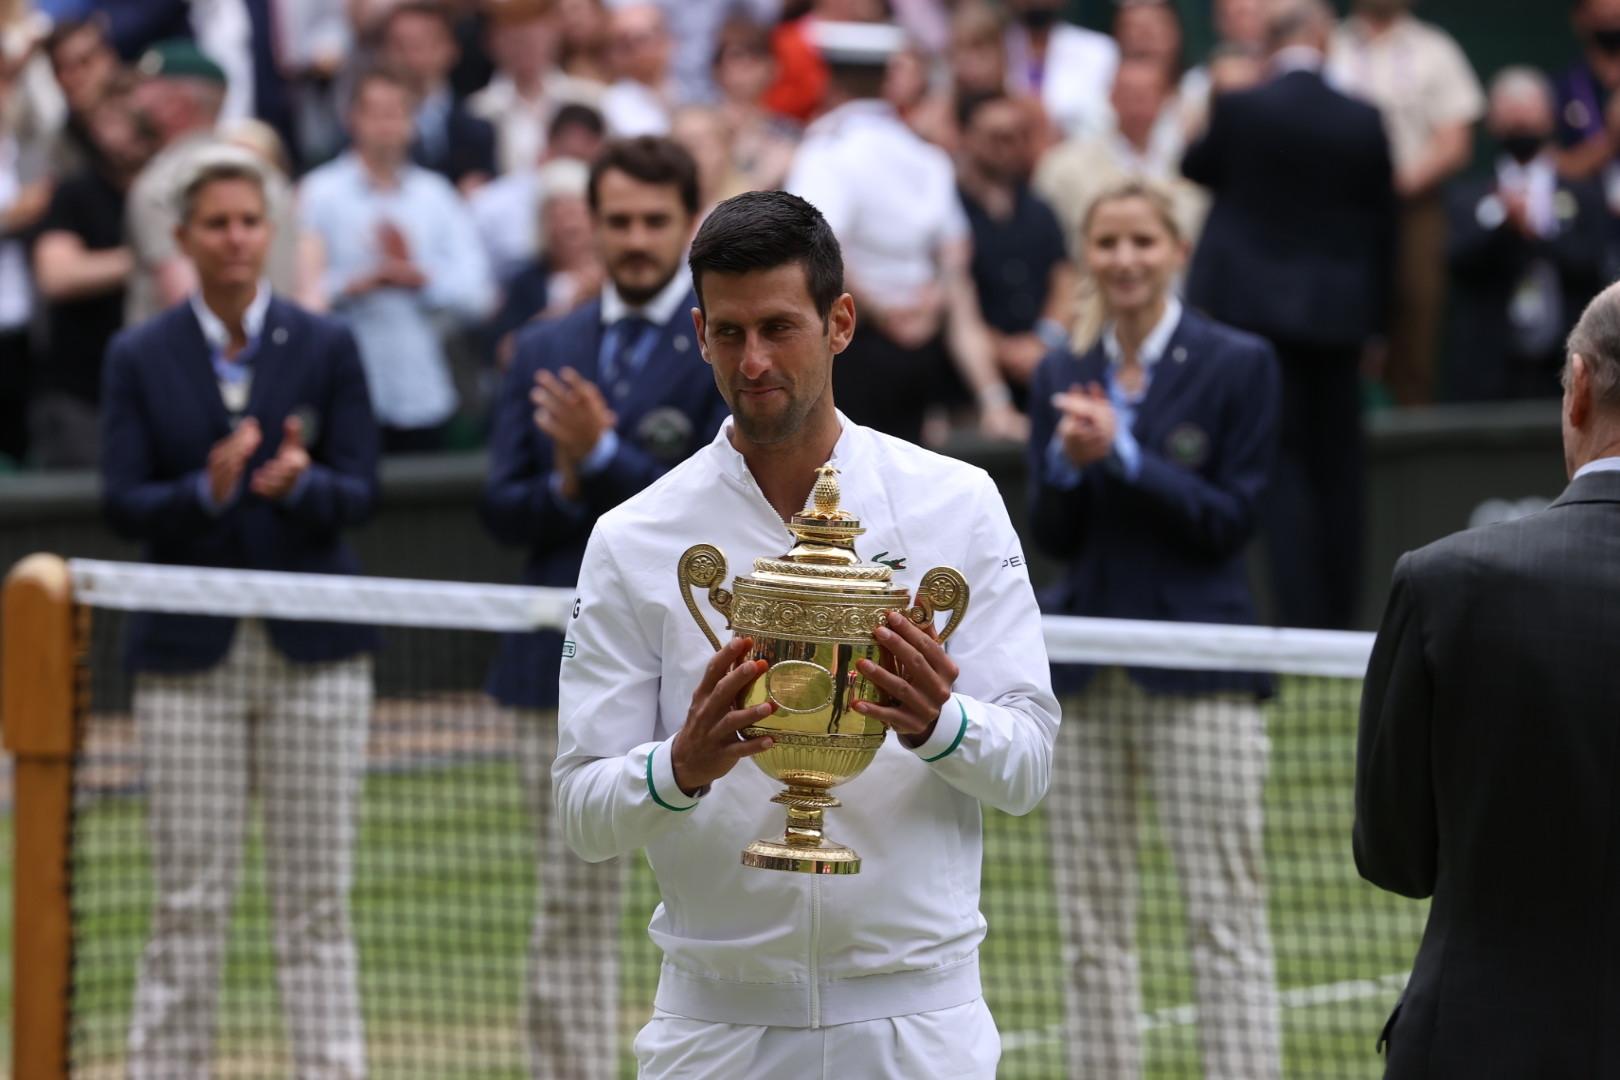 नोवाक जोकोविच ने इटली के मातेयो बेरितिनी को हराकर विंबलडन टेनिस का सिंगल्स खिताब जीता